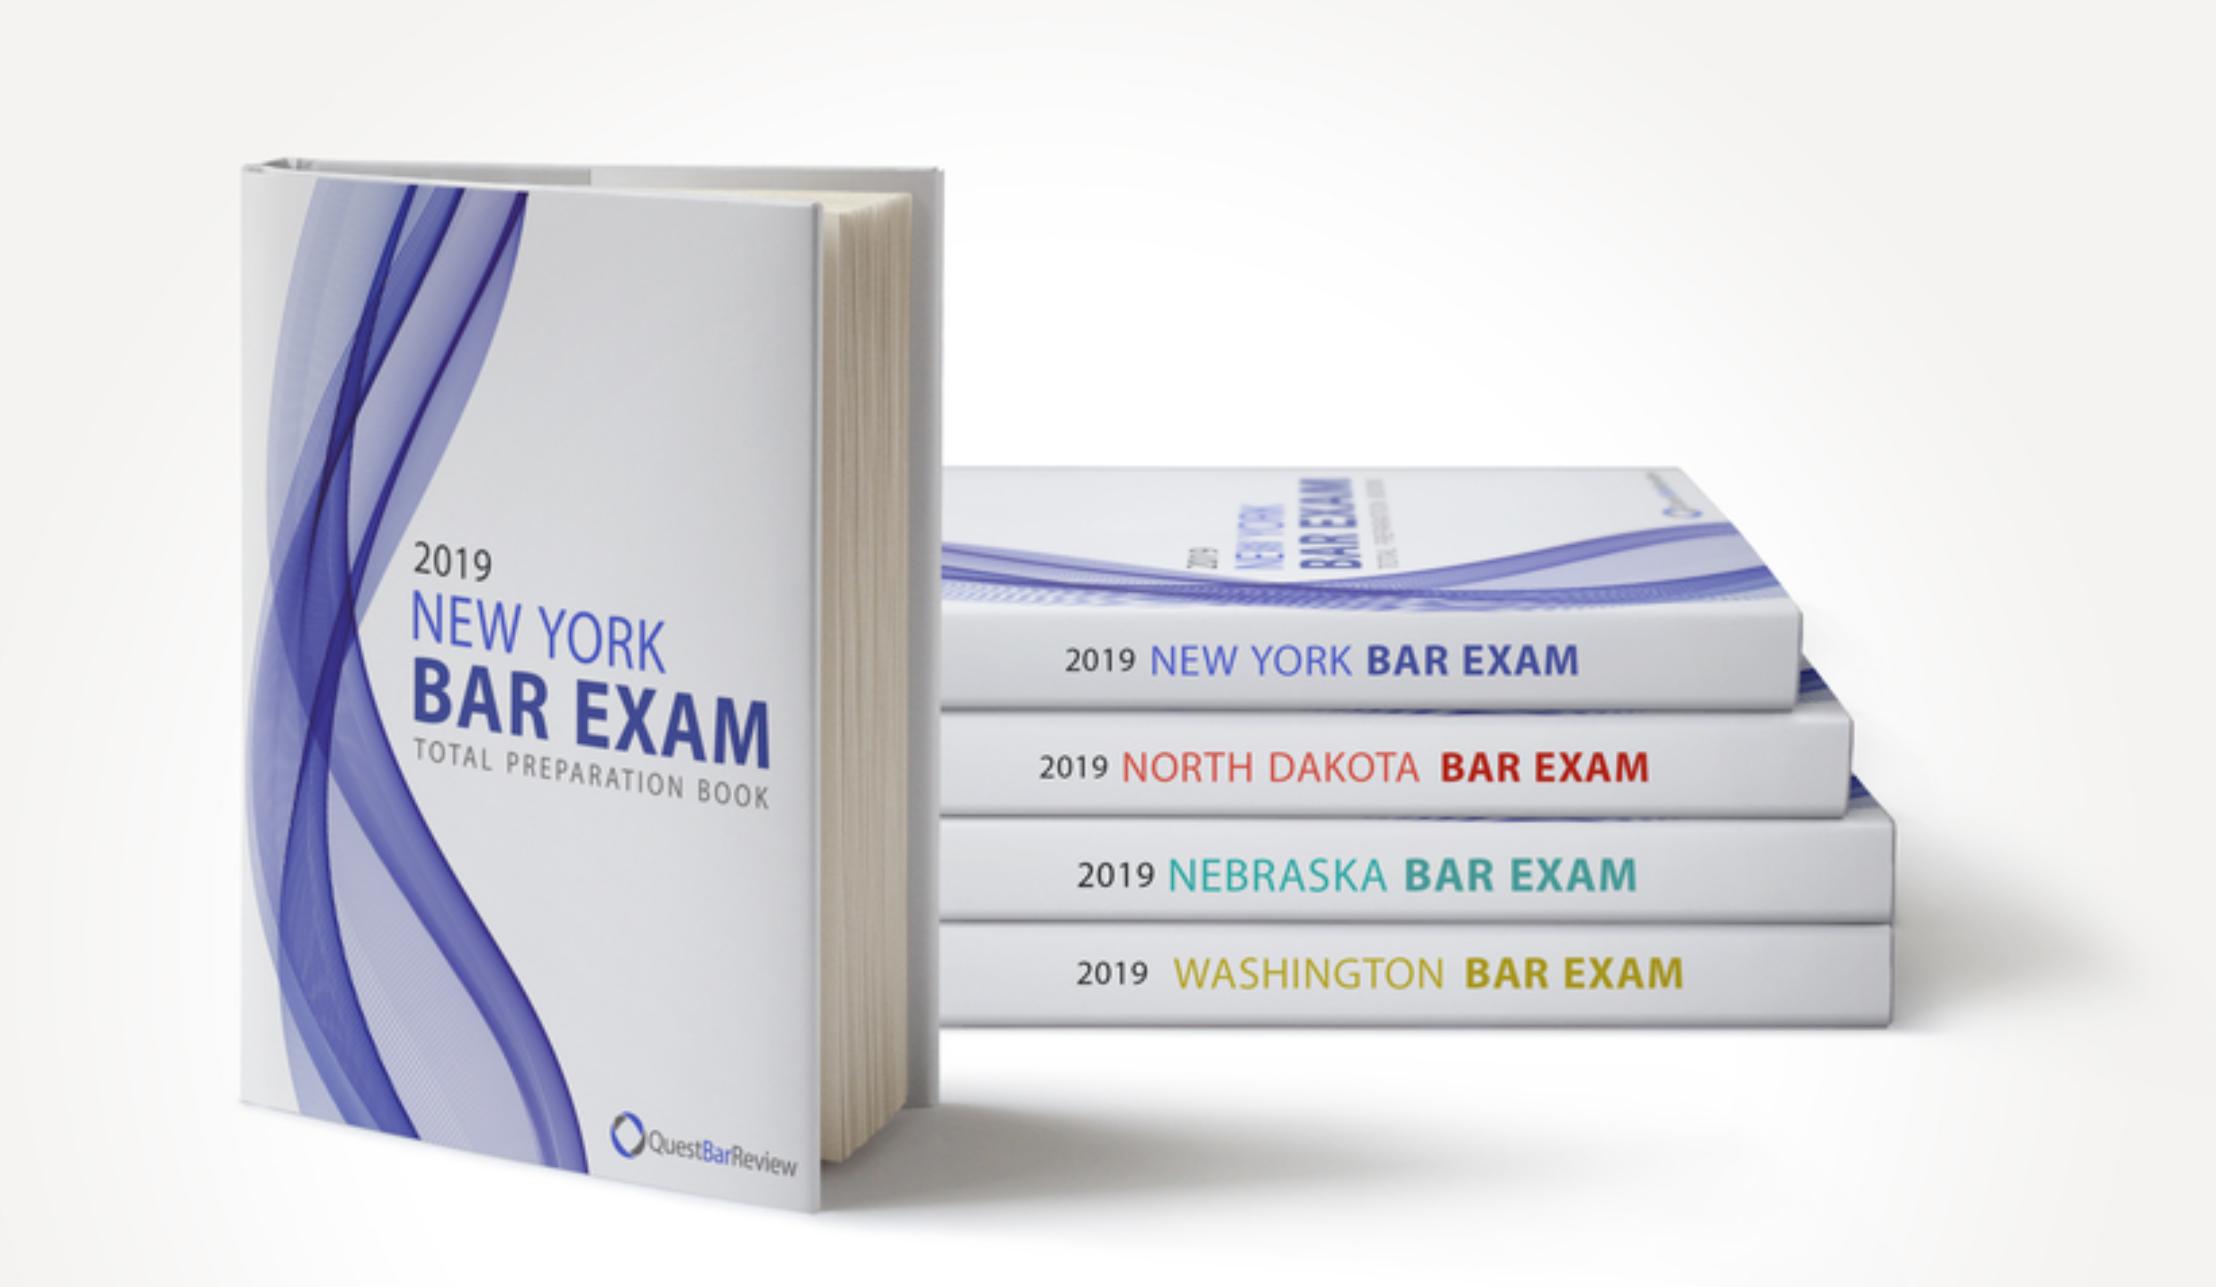 Total Preparation Book